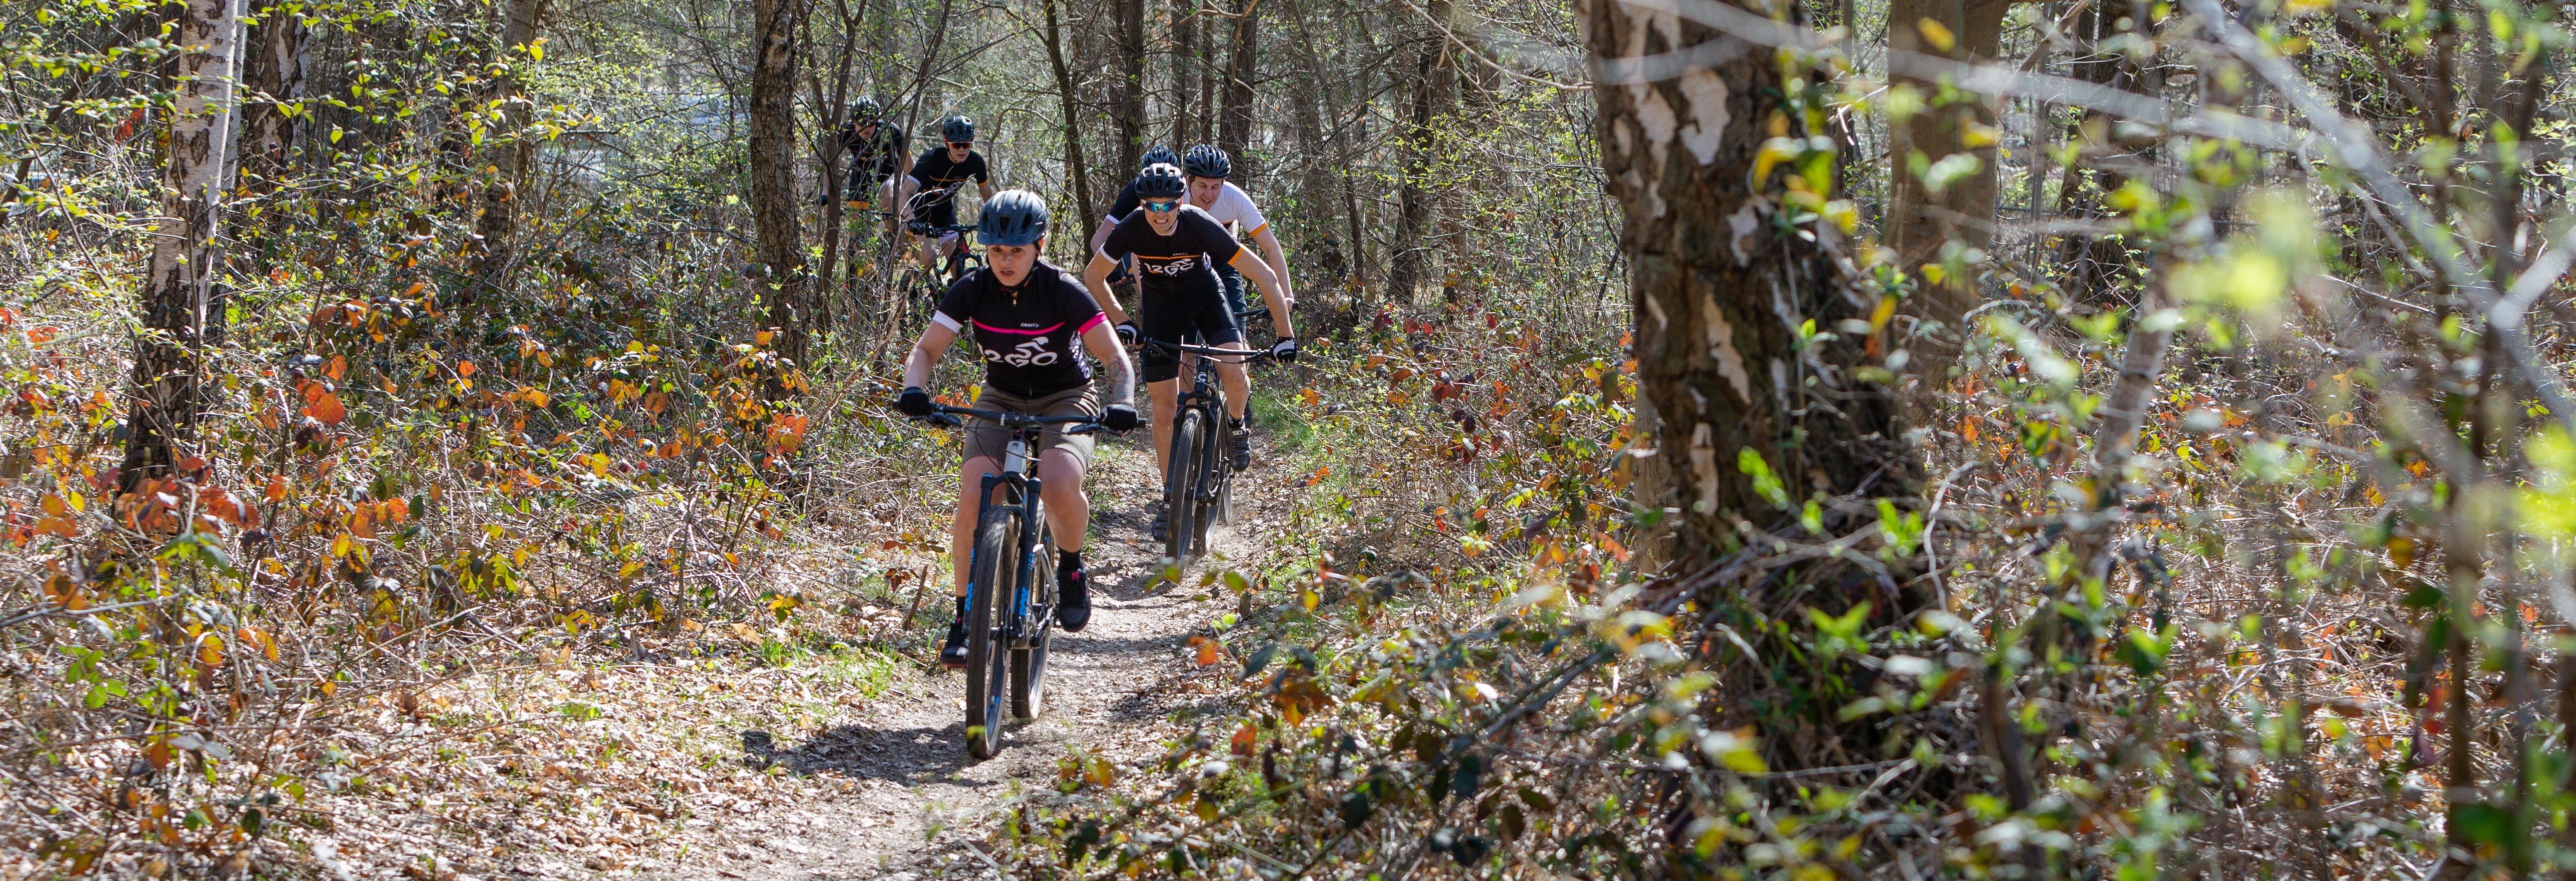 12GO's Keuze in: Koopgids: Mountainbikes rond de €1500,-